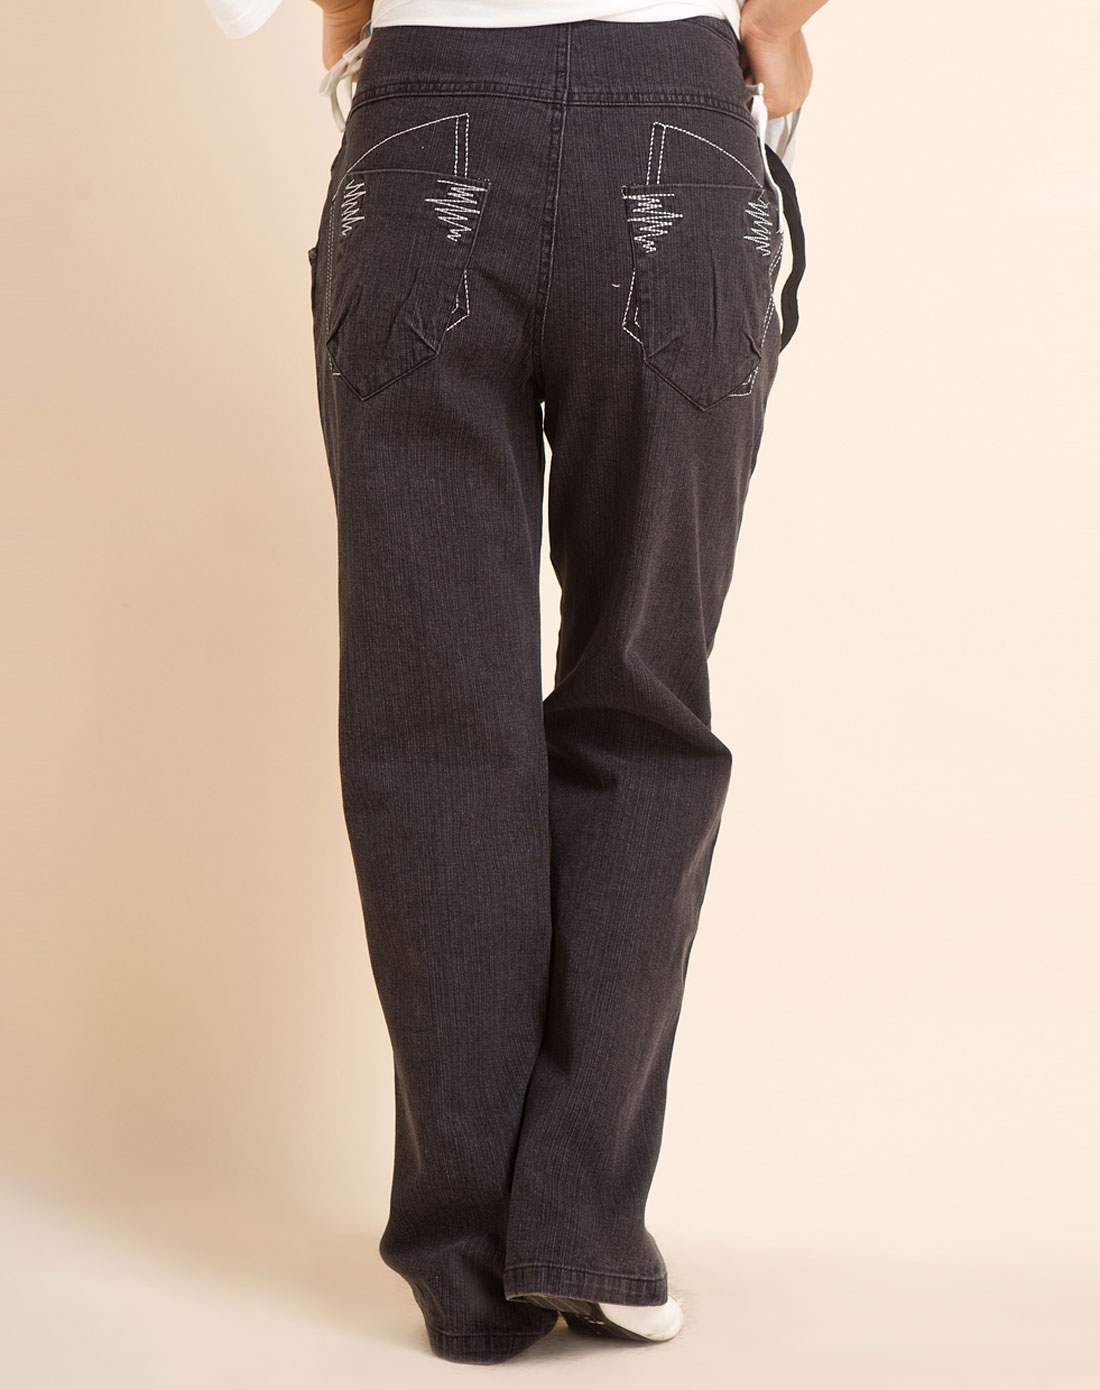 款黑色小喇叭牛仔裤